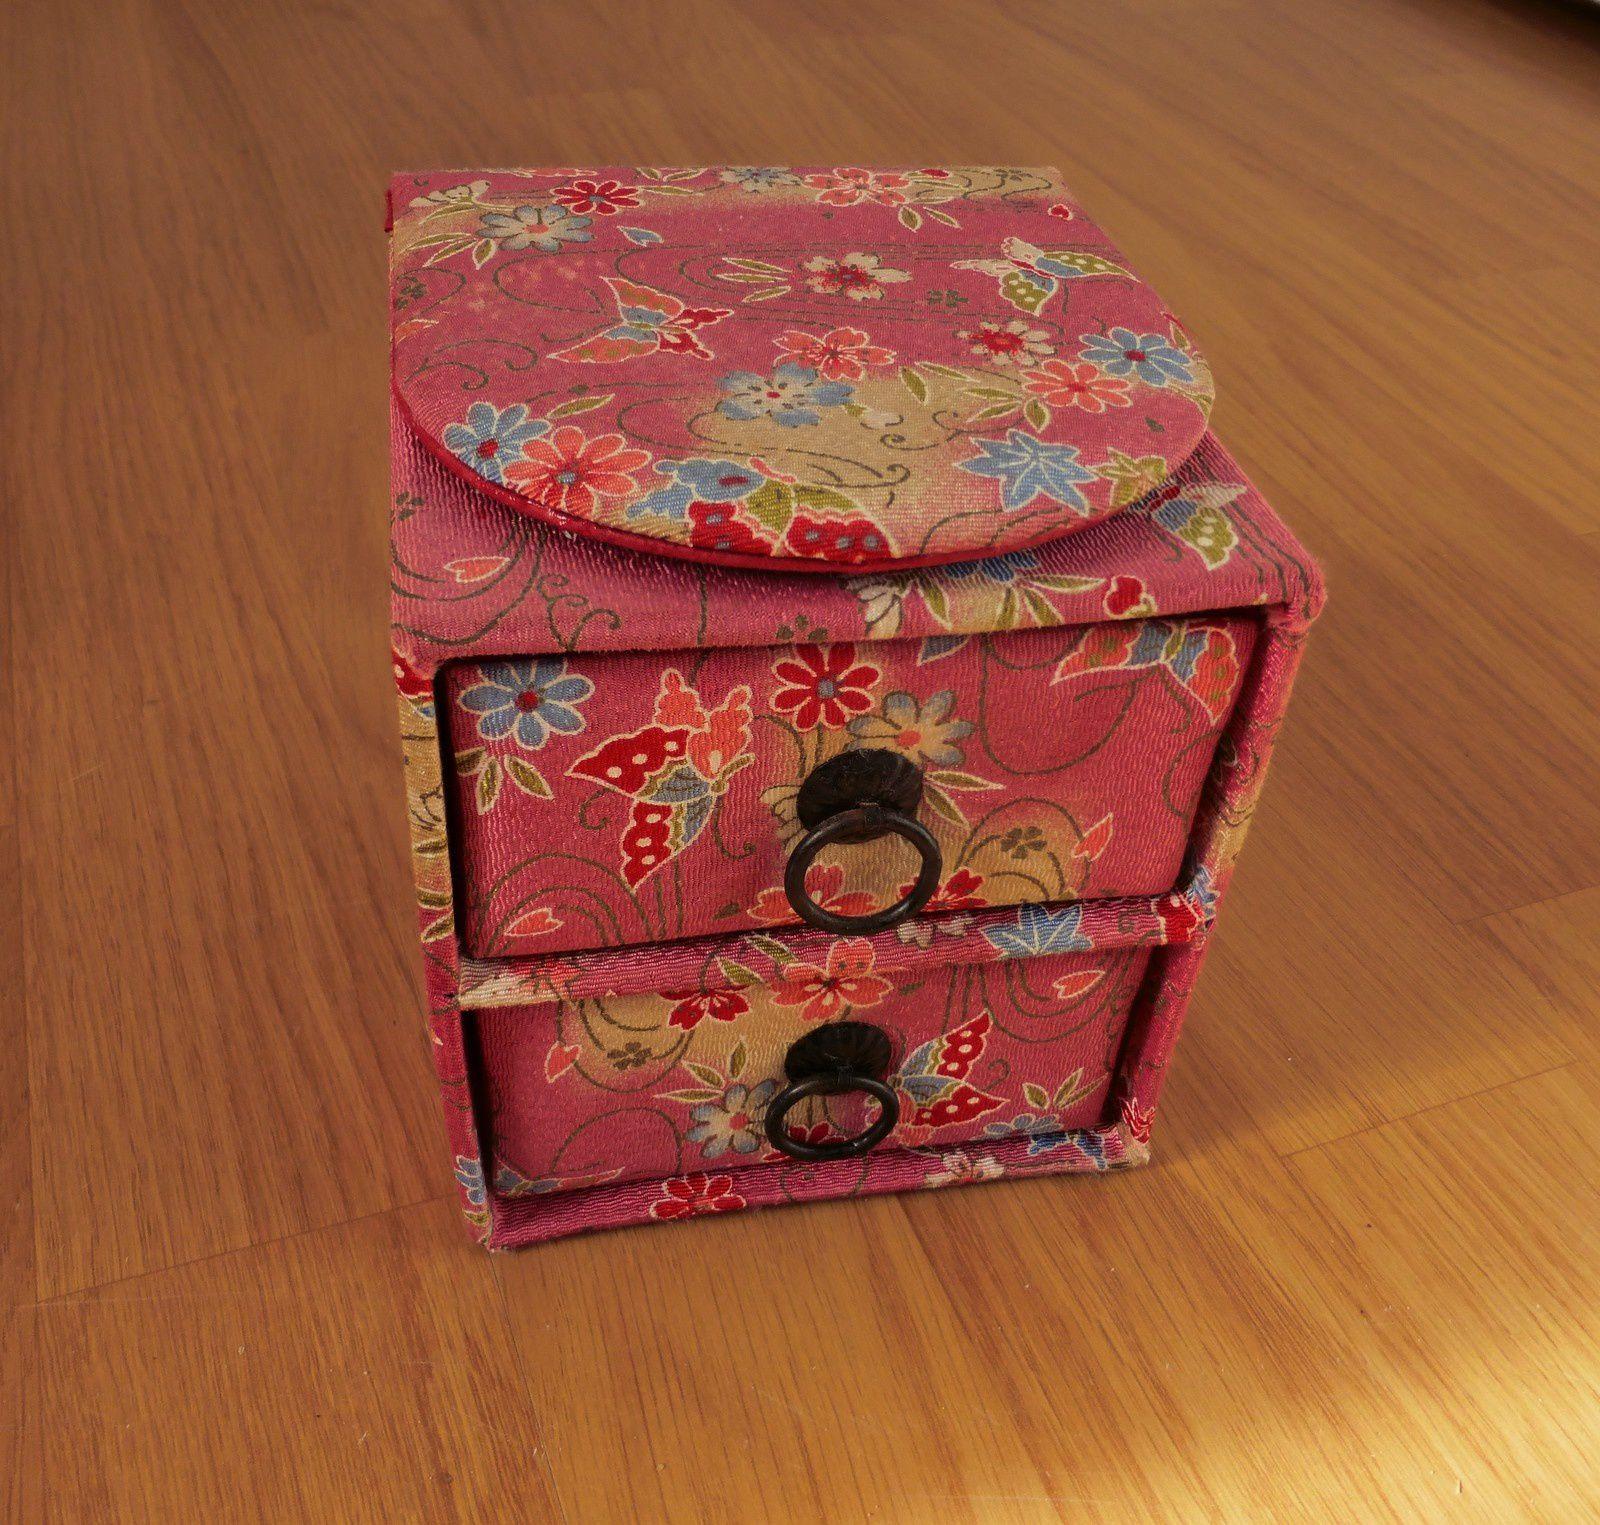 Une boîte à bijoux qu'on m'a offert au Japon, maintenant Alice s'en sert pour ses bijoux!